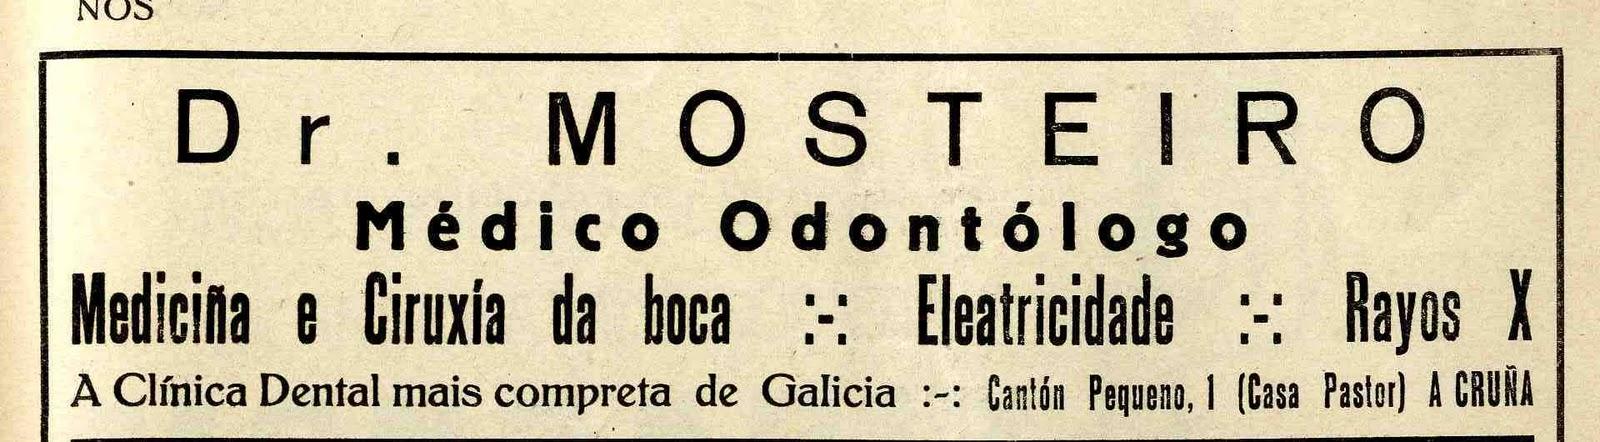 Anuncio da clínica do doutor Mosteiro na revista Nós